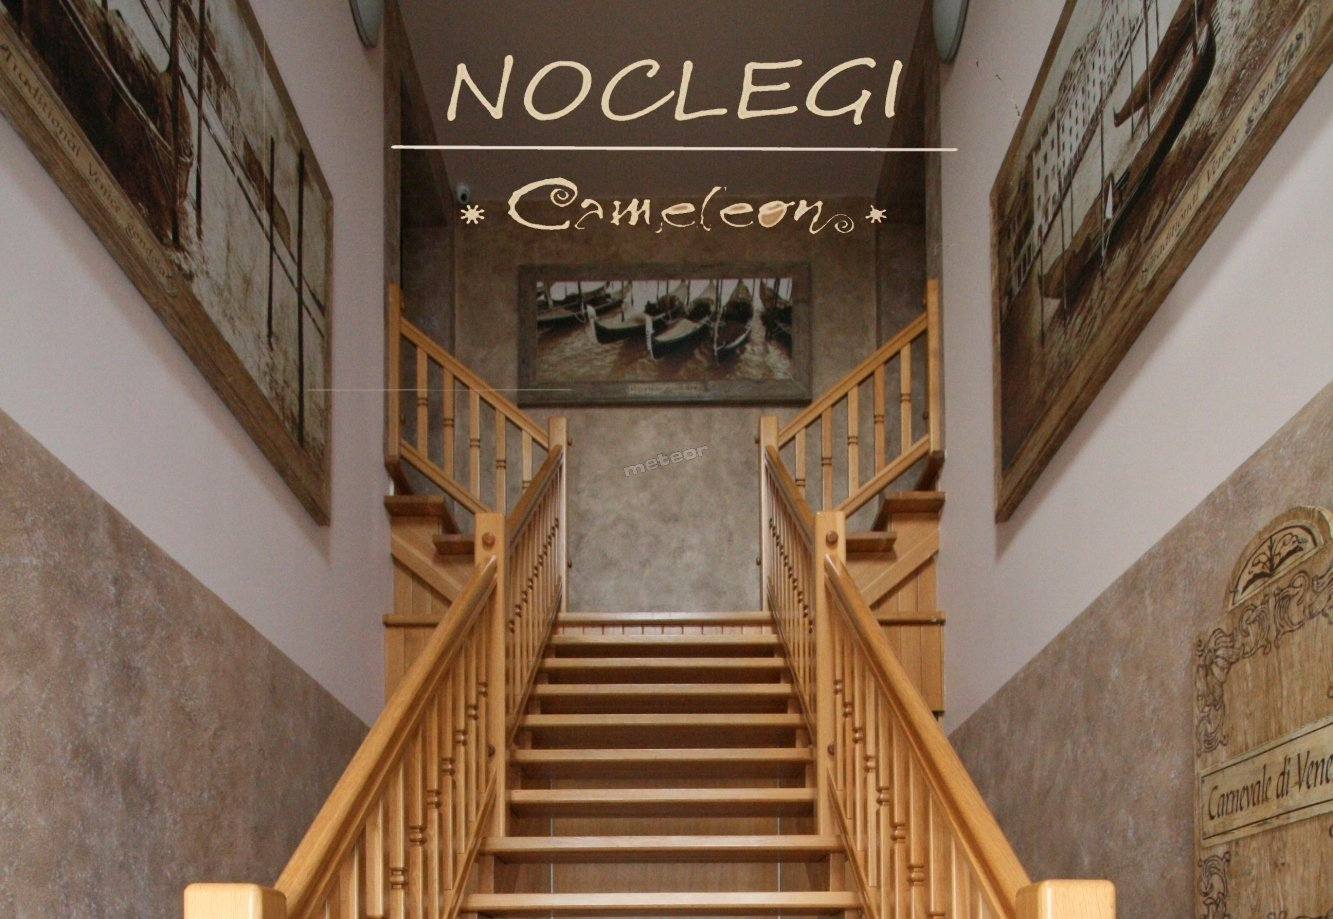 Noclegi Cameleon